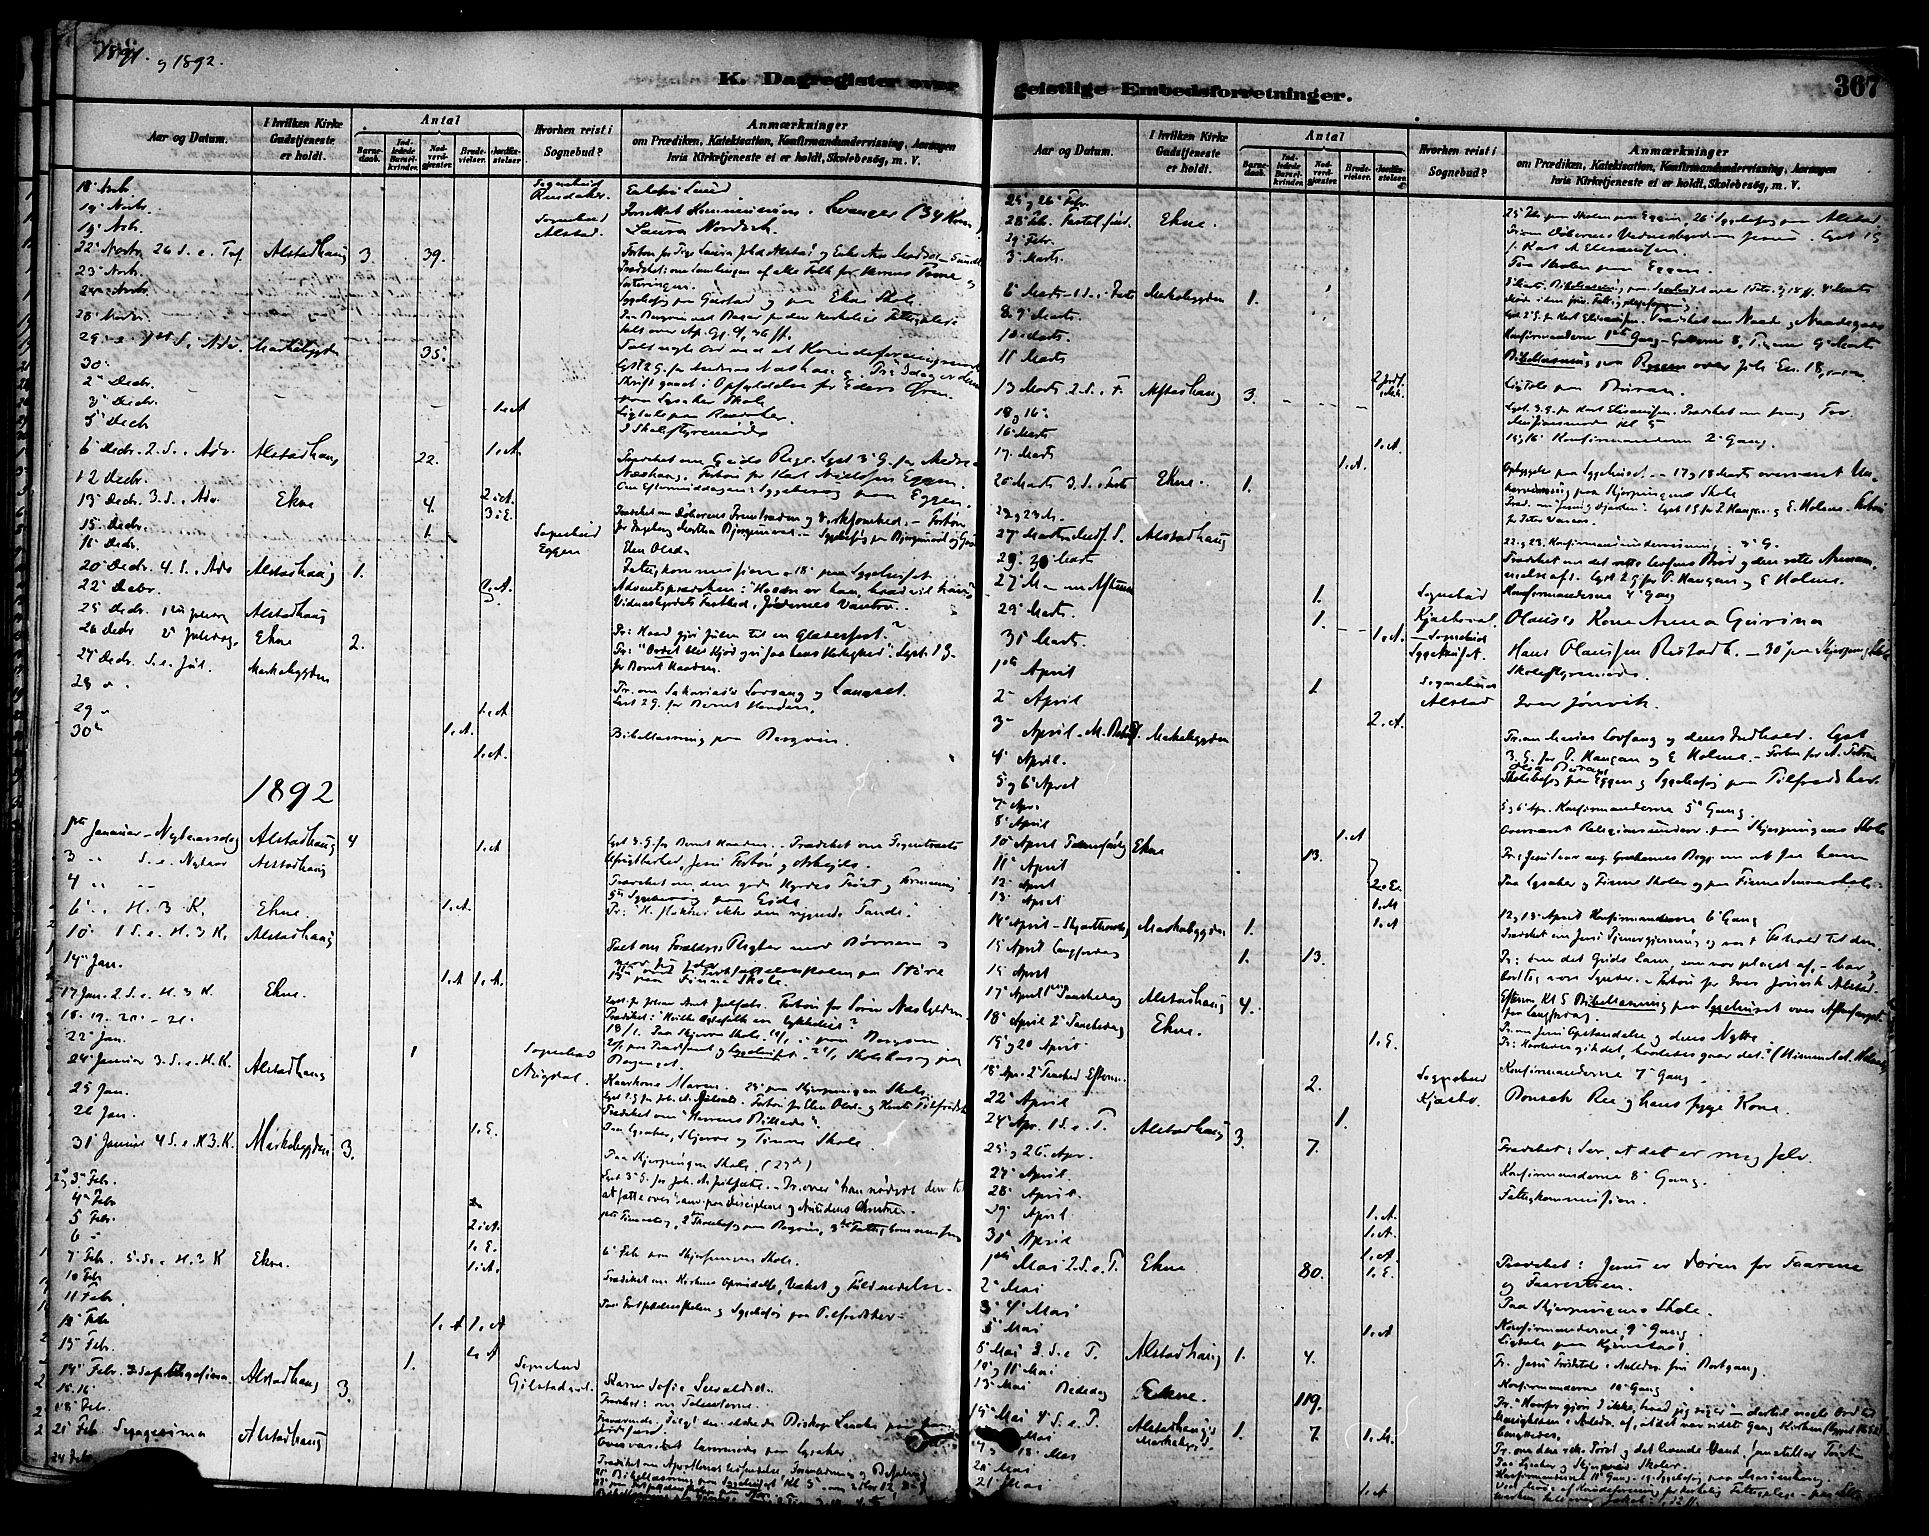 SAT, Ministerialprotokoller, klokkerbøker og fødselsregistre - Nord-Trøndelag, 717/L0159: Ministerialbok nr. 717A09, 1878-1898, s. 367